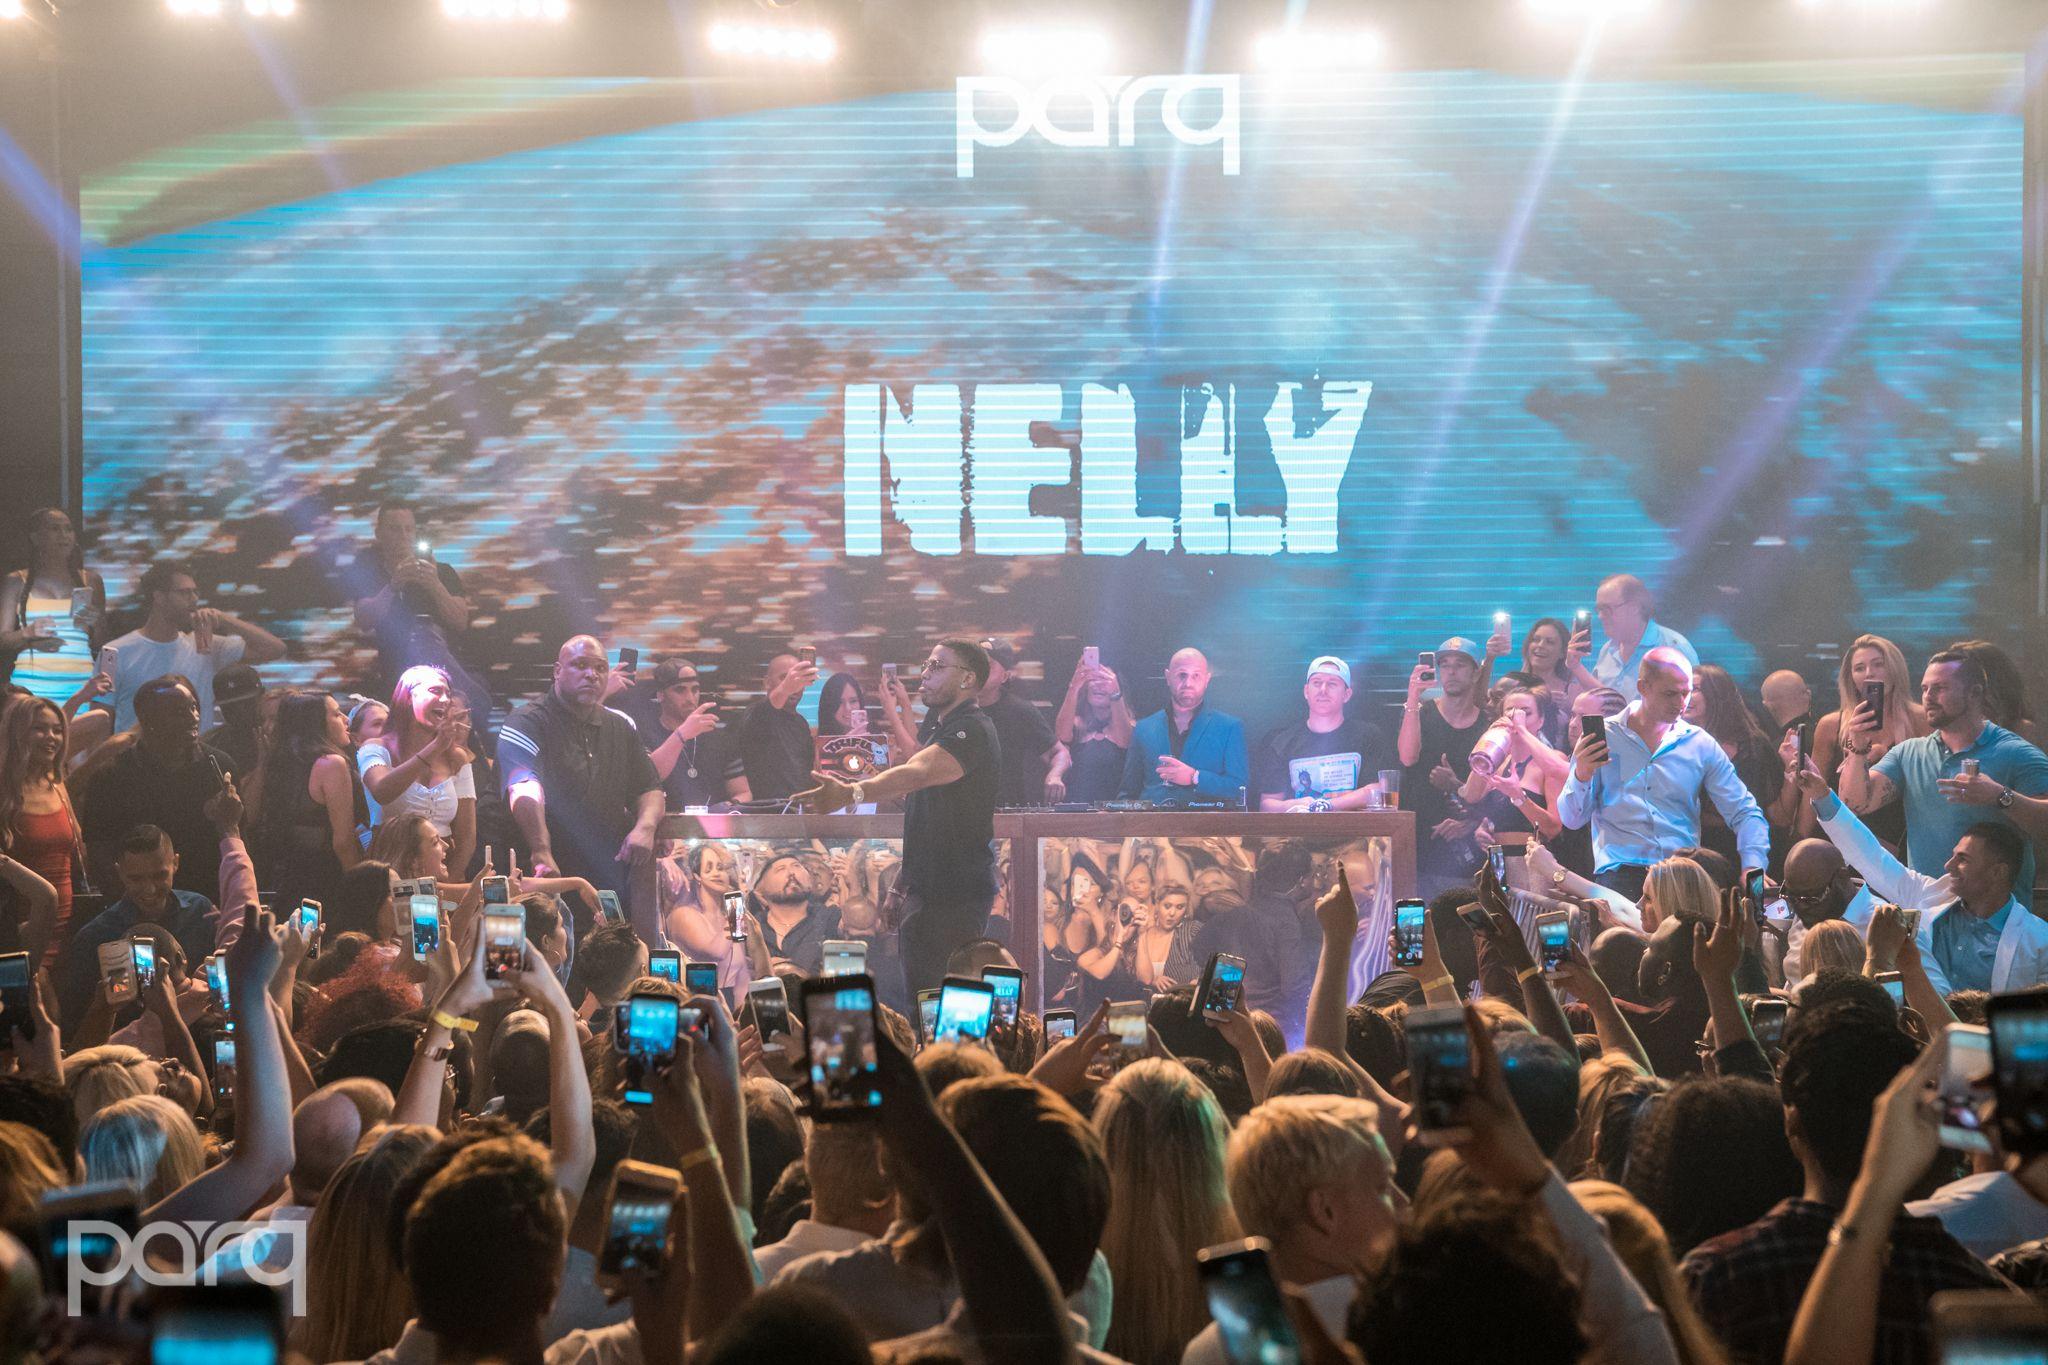 08.31.18 Parq - Nelly-18.jpg